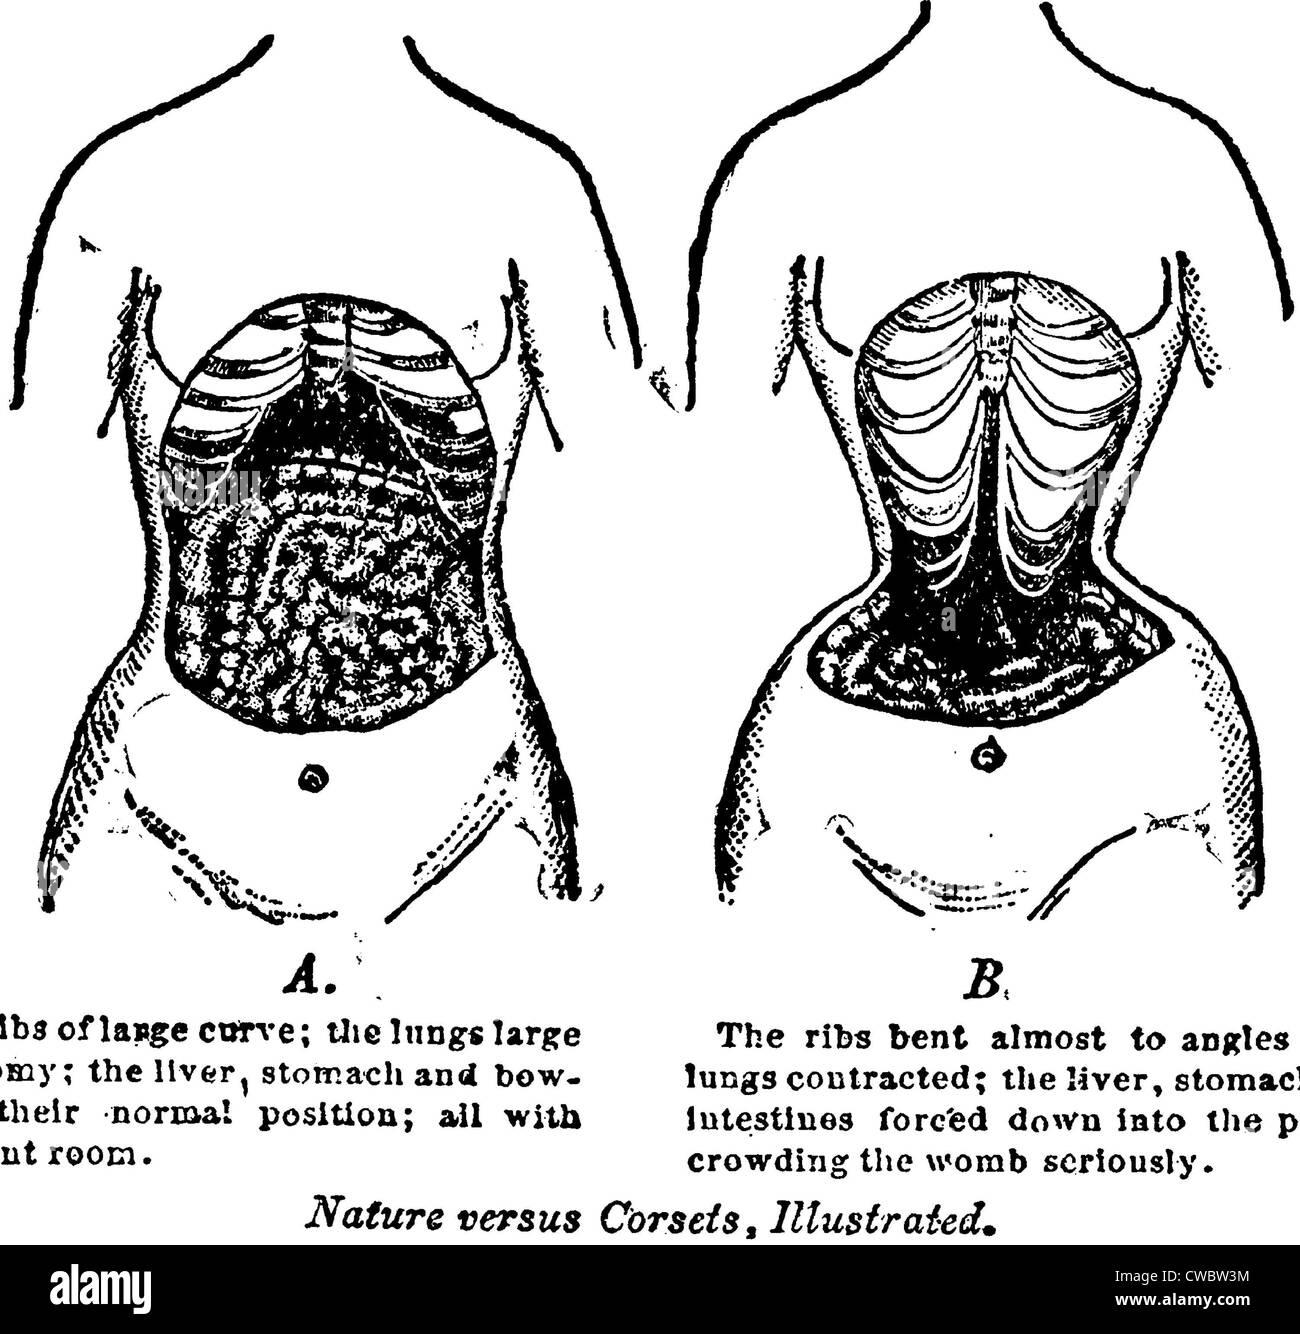 Nett Kaninchen Innere Anatomie Ideen - Anatomie Ideen - finotti.info